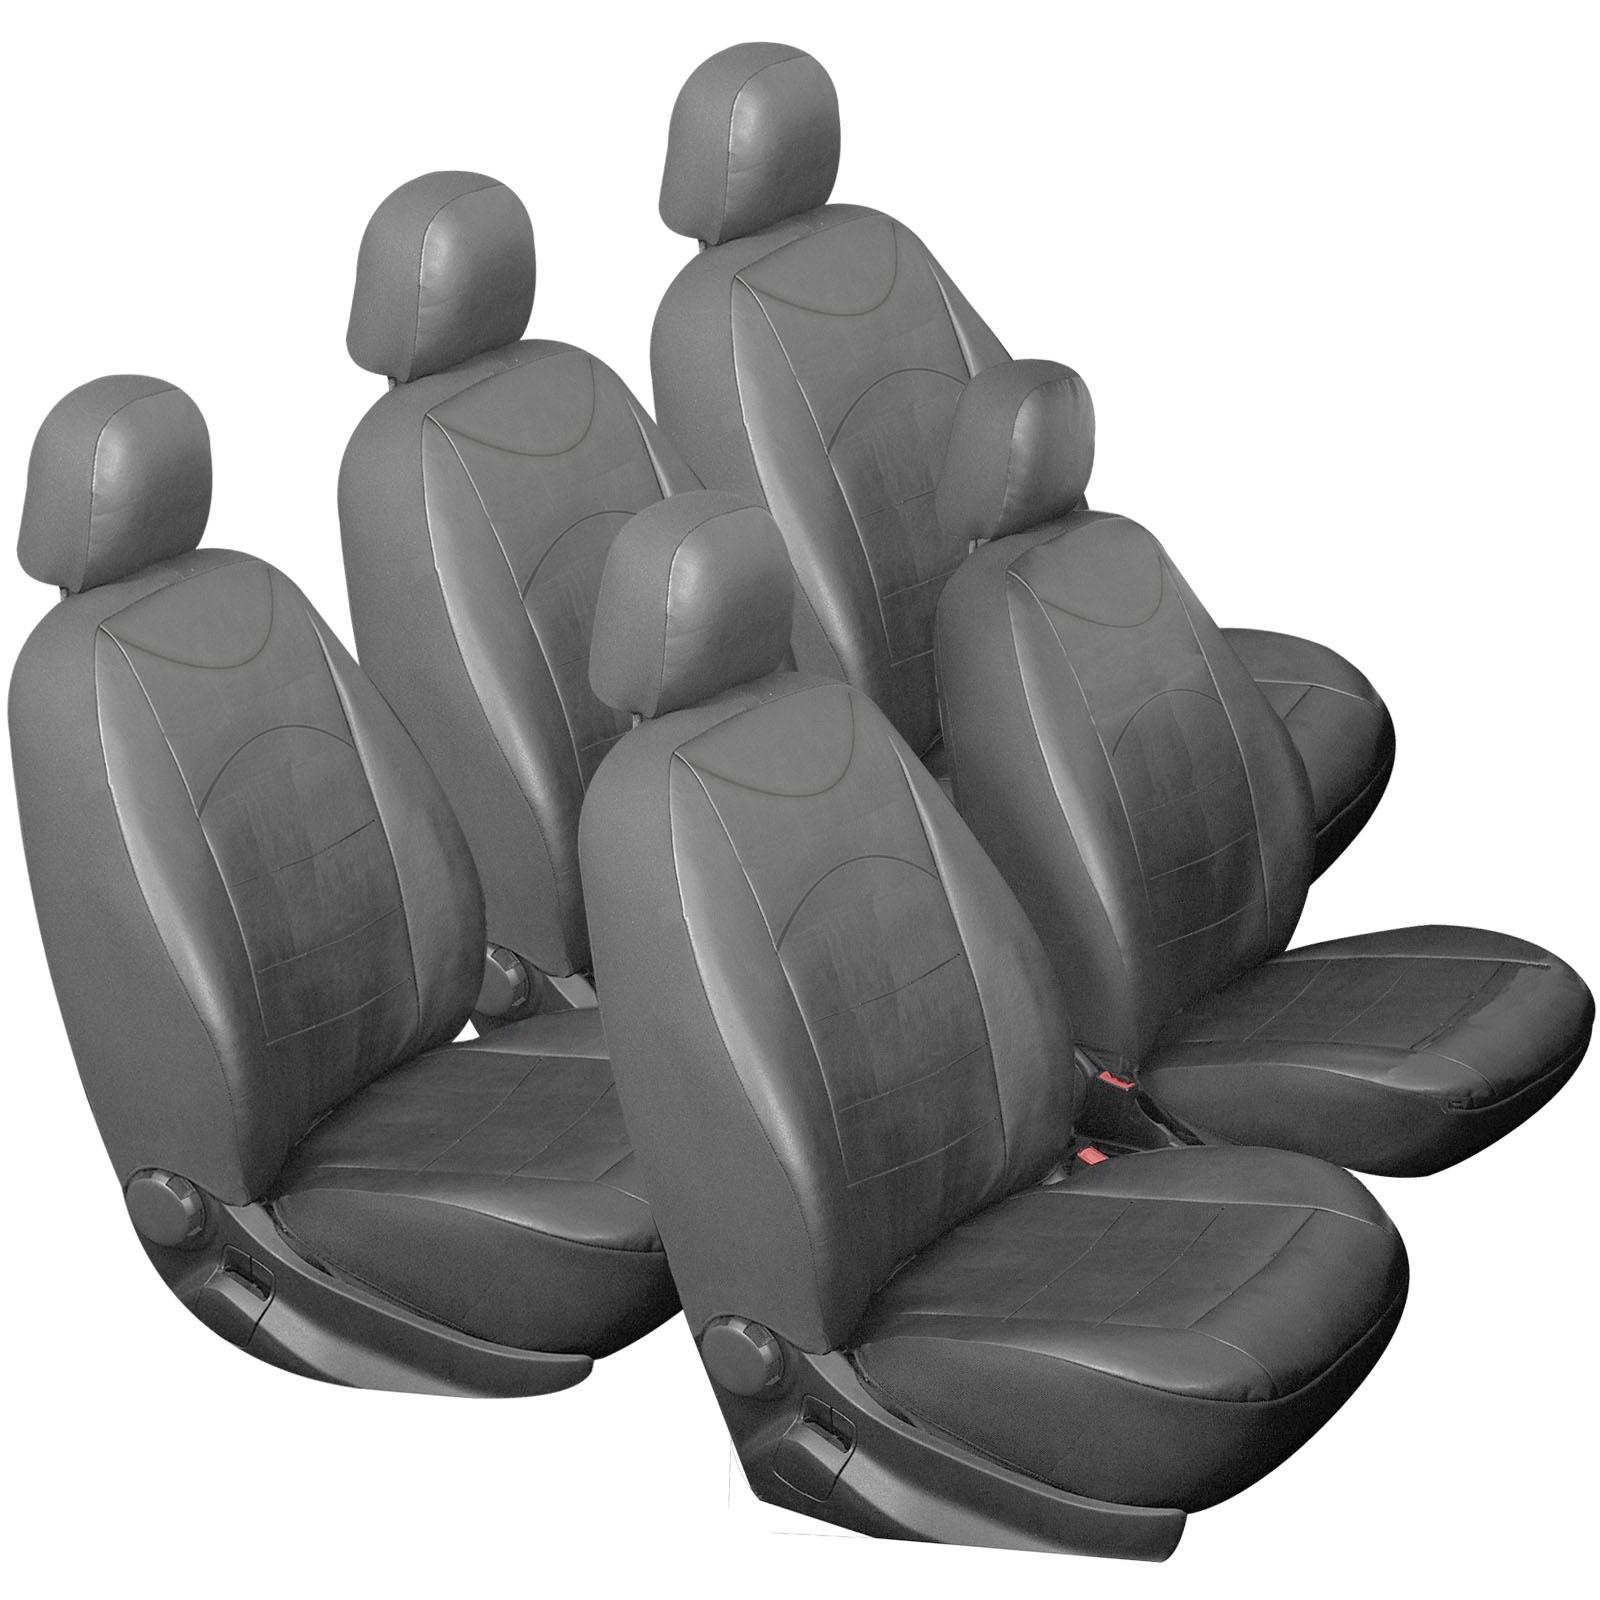 Autositzbezüge Sitzbezug Schonbezug Schonbezüge für VW ohne Seitenairbag AS7306